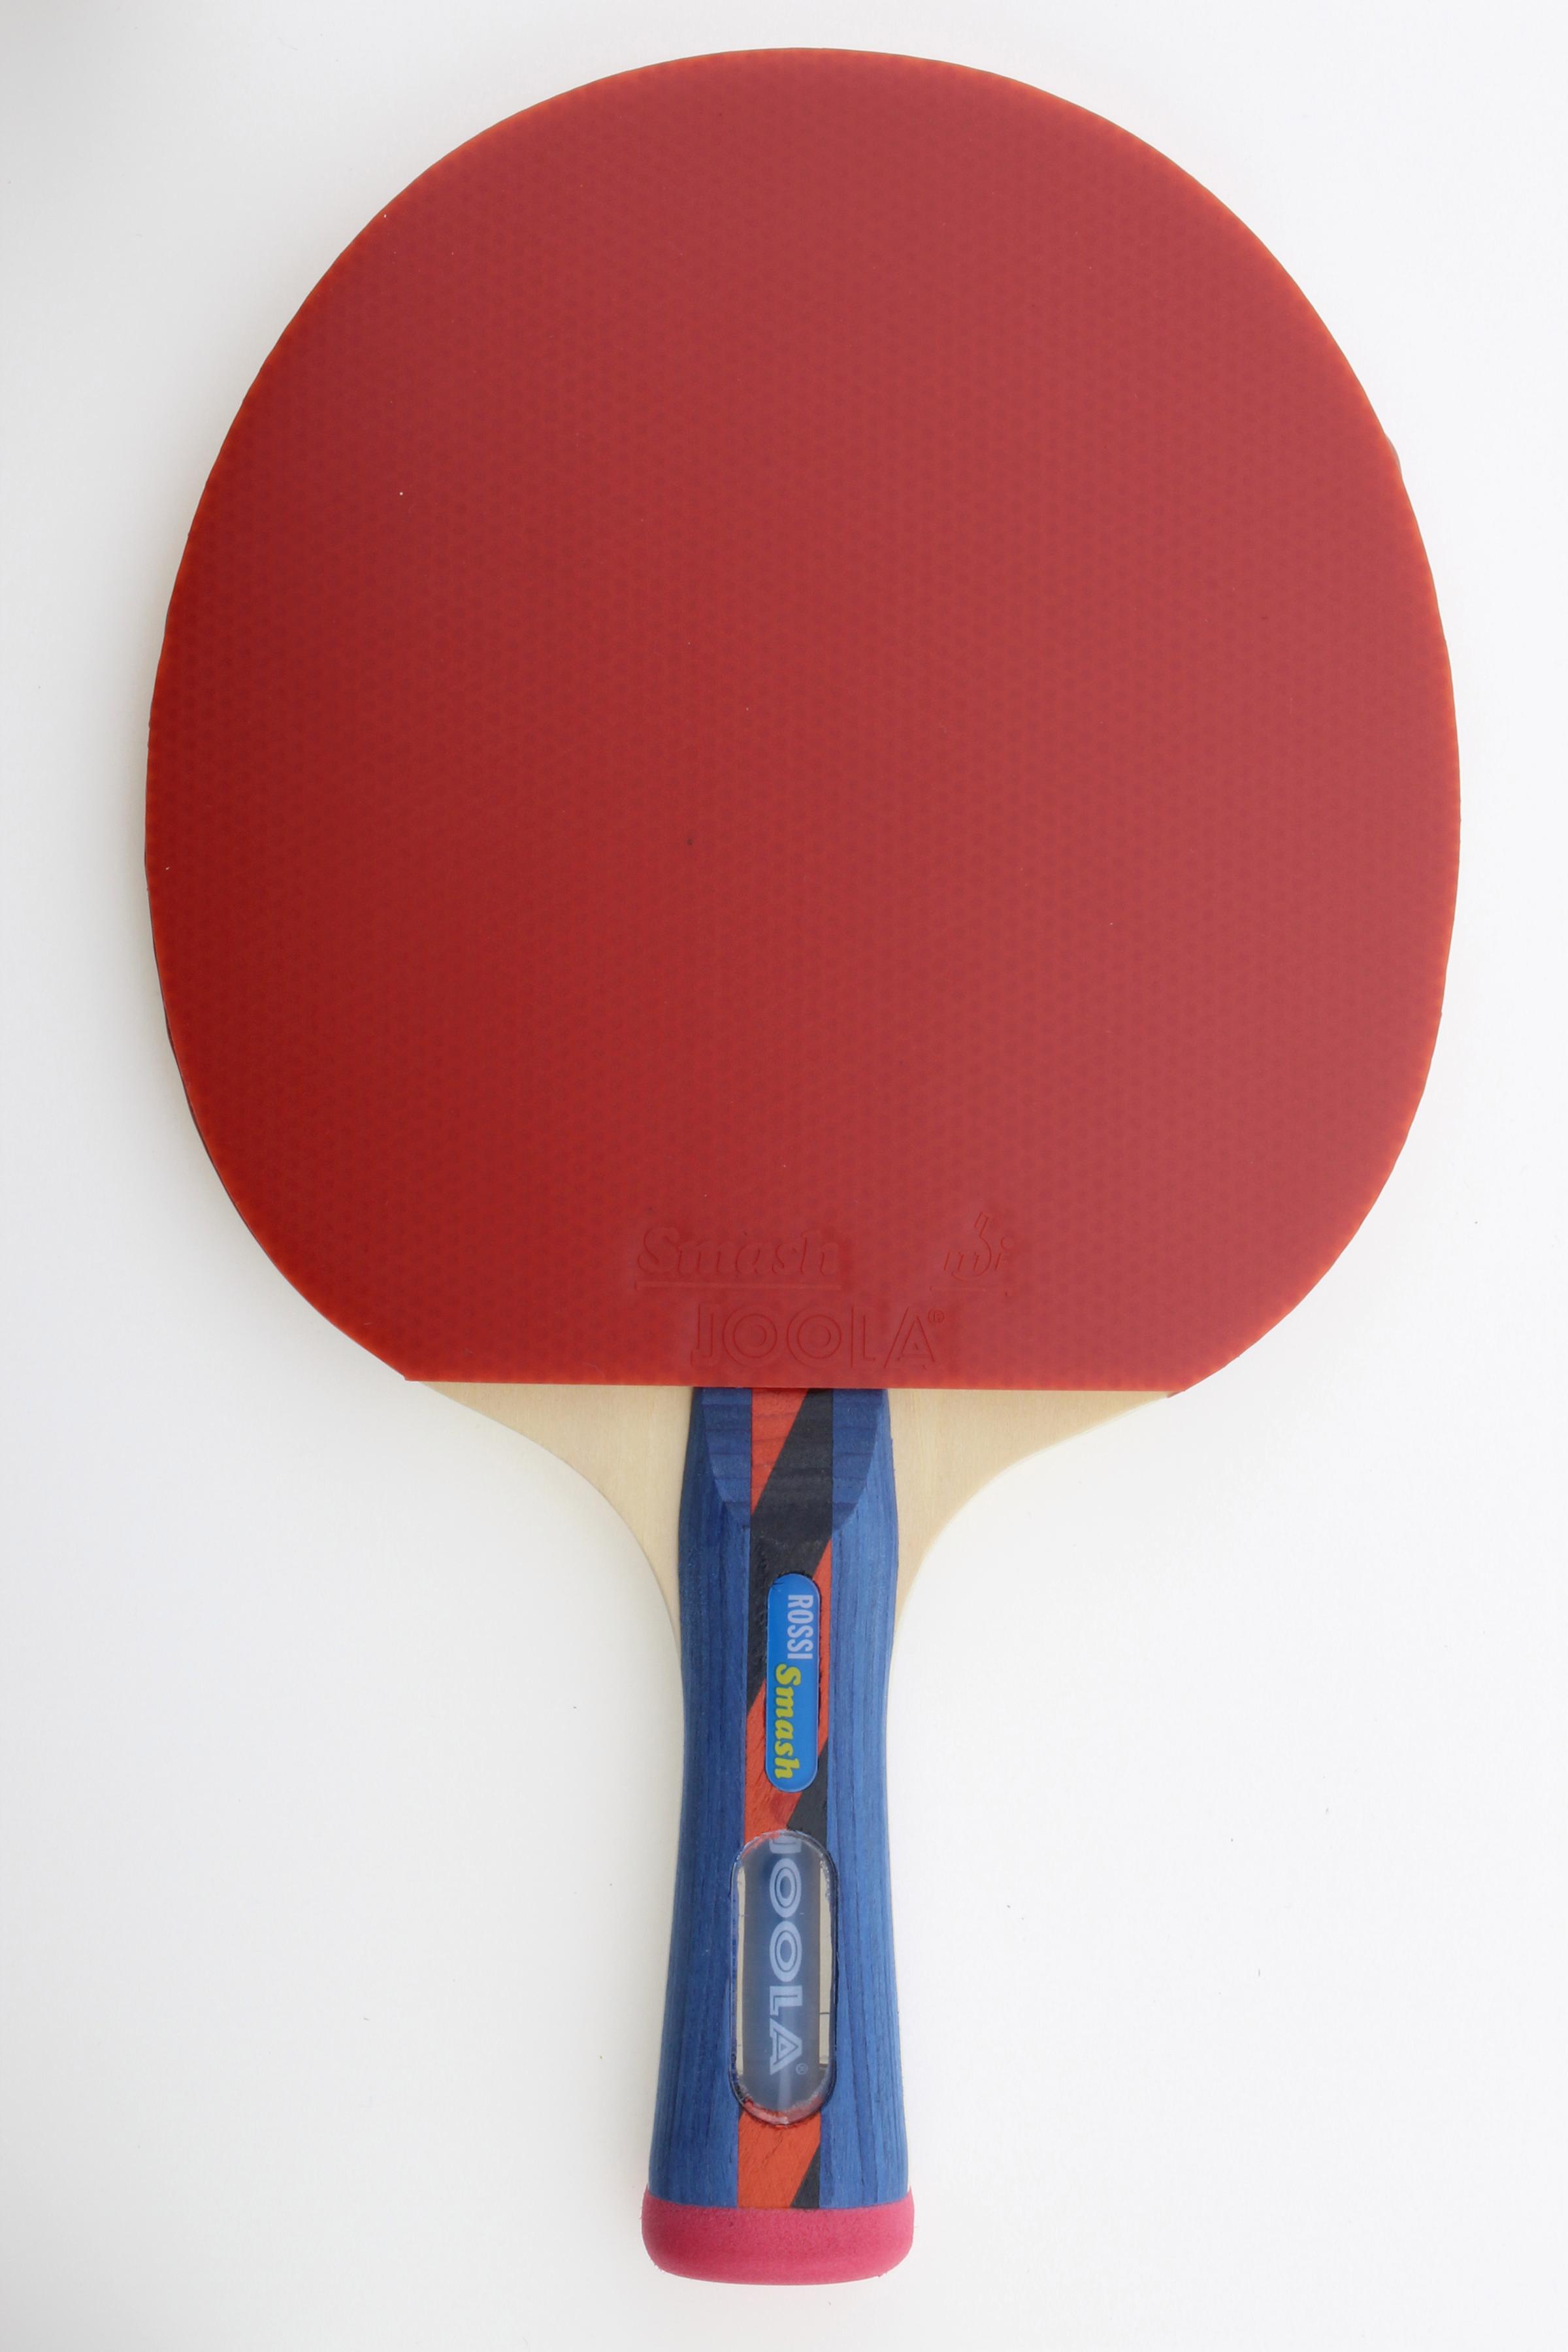 Joola Tischtennisschläger Rosskopf Smash (Set 3-tlg mit Bällen) Technik & Freizeit/Sport & Freizeit/Sportarten/Tischtennis/Tischtennis-Ausrüstung